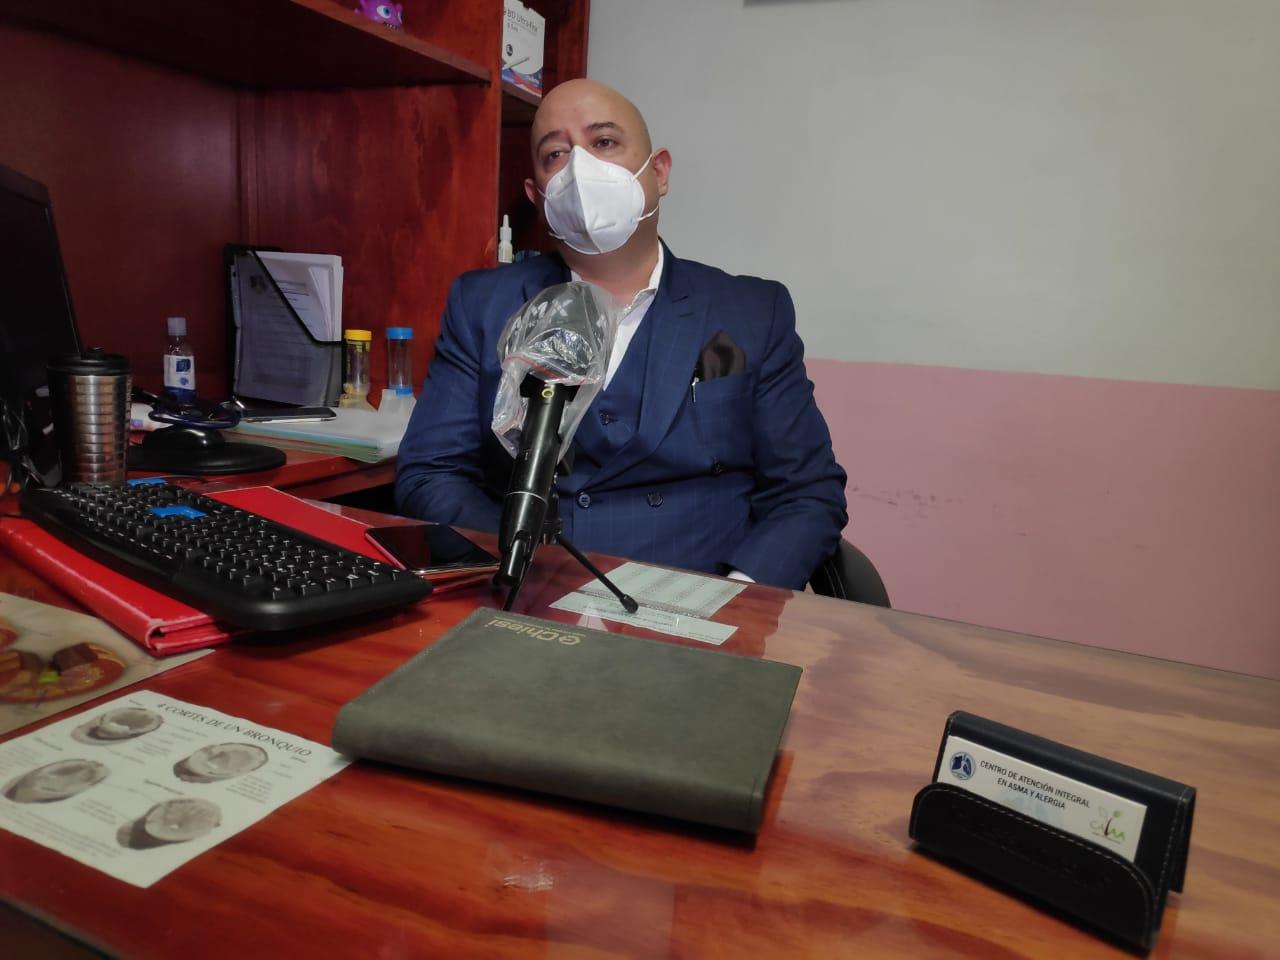 USAR EL CUBREBOCAS POR LARGOS PERIODOS PODRÍA PROVOCAR REACCIONES ALÉRGICAS